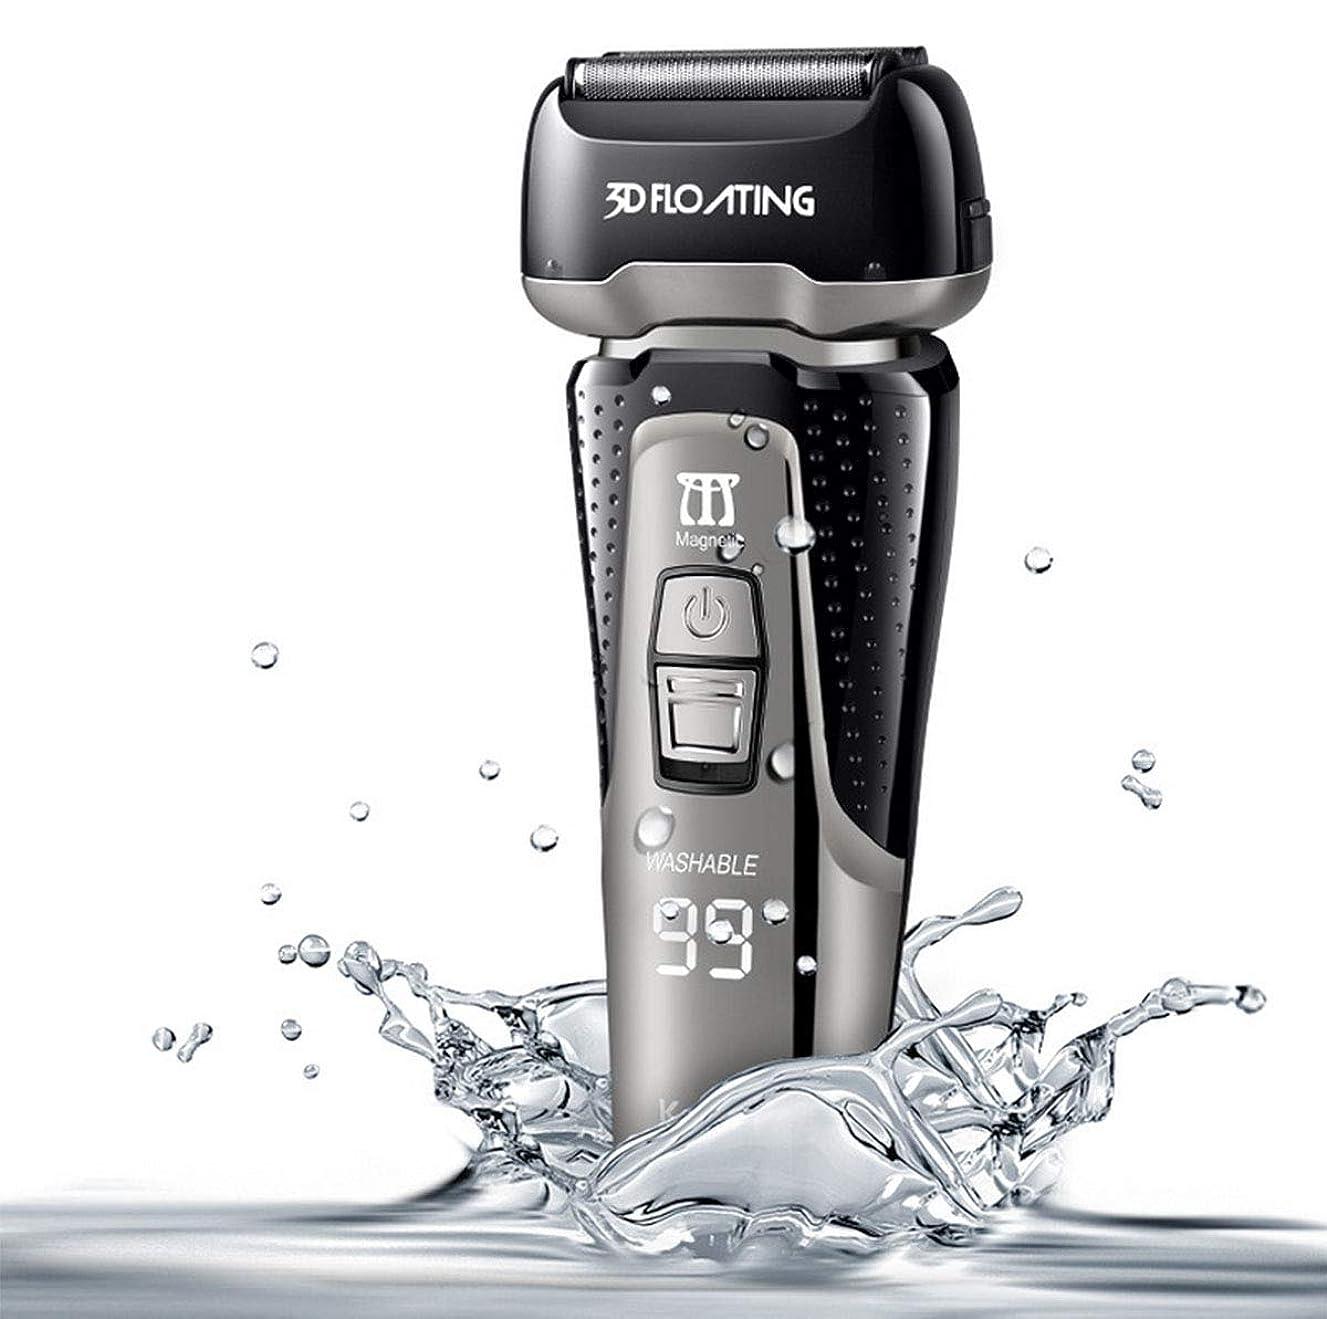 有効化アニメーションクランシーひげそり 電動 メンズシェーバー 電気カミソリ 電動髭剃り リニアモーター搭載 IPX7防水 本体丸洗い 3枚刃 USB充電式 持ち運び便利